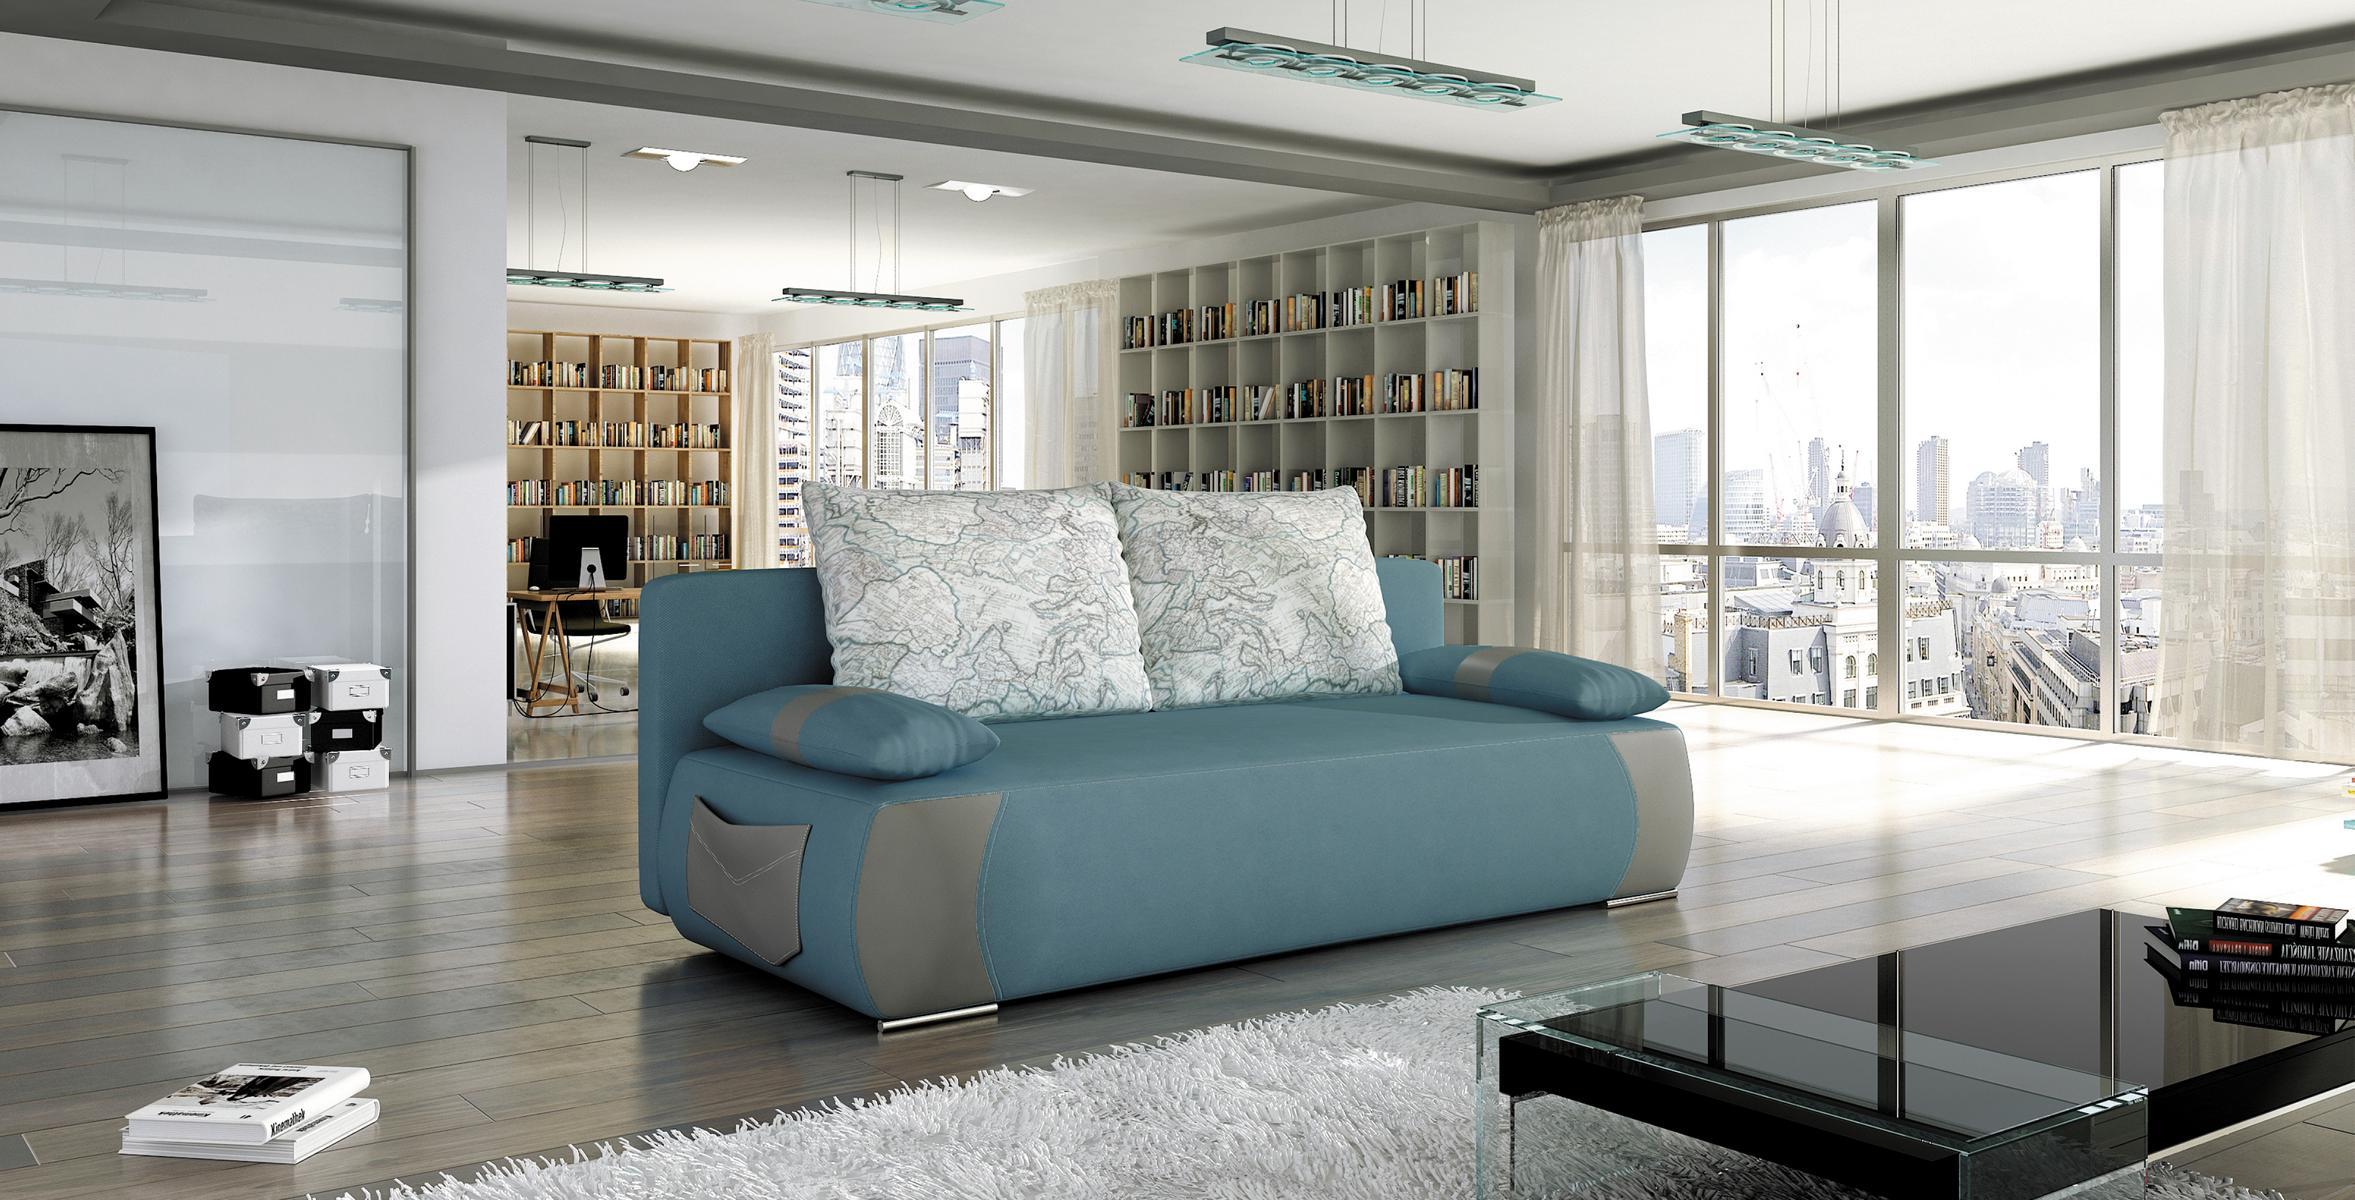 sofa schlafsofa designer 3 sitzer sofa mit bettfunktion bettkasten couch neu enjoy www. Black Bedroom Furniture Sets. Home Design Ideas